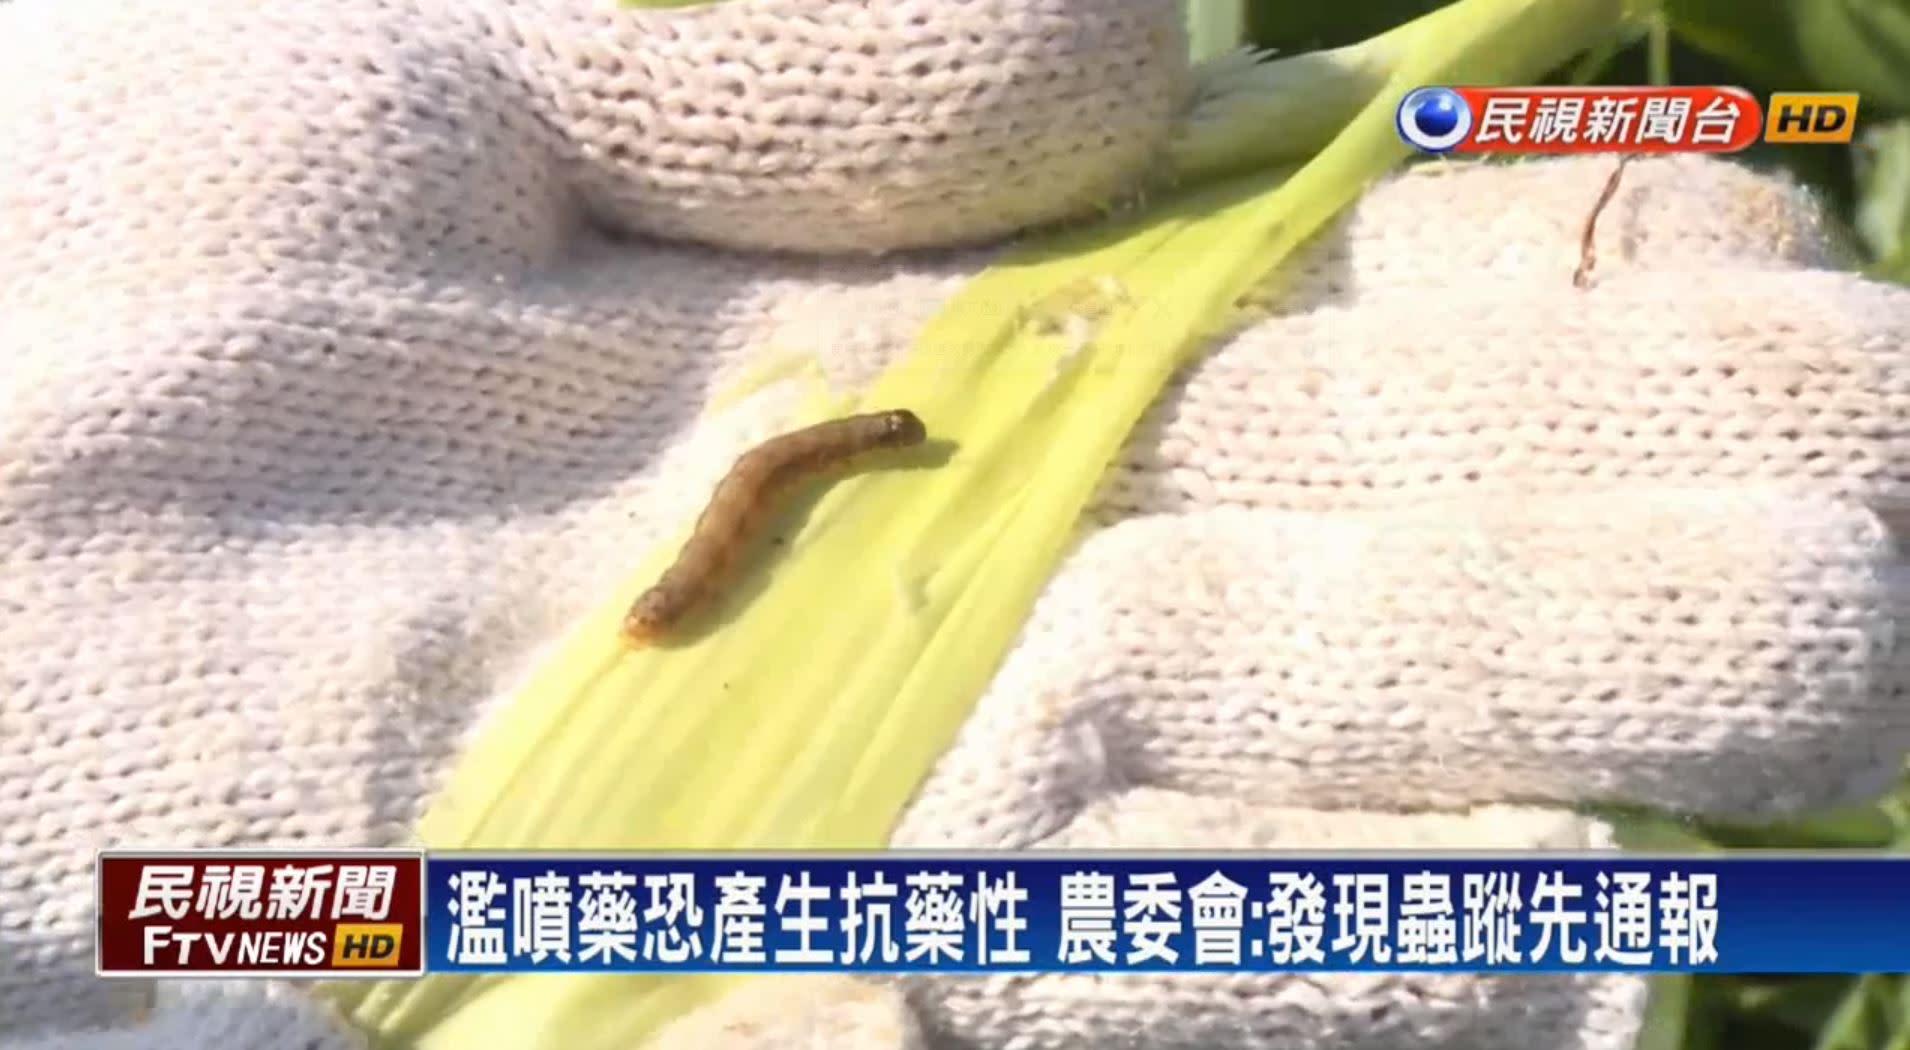 秋行軍蟲疑現第二代成蟲 農委會將強制噴藥